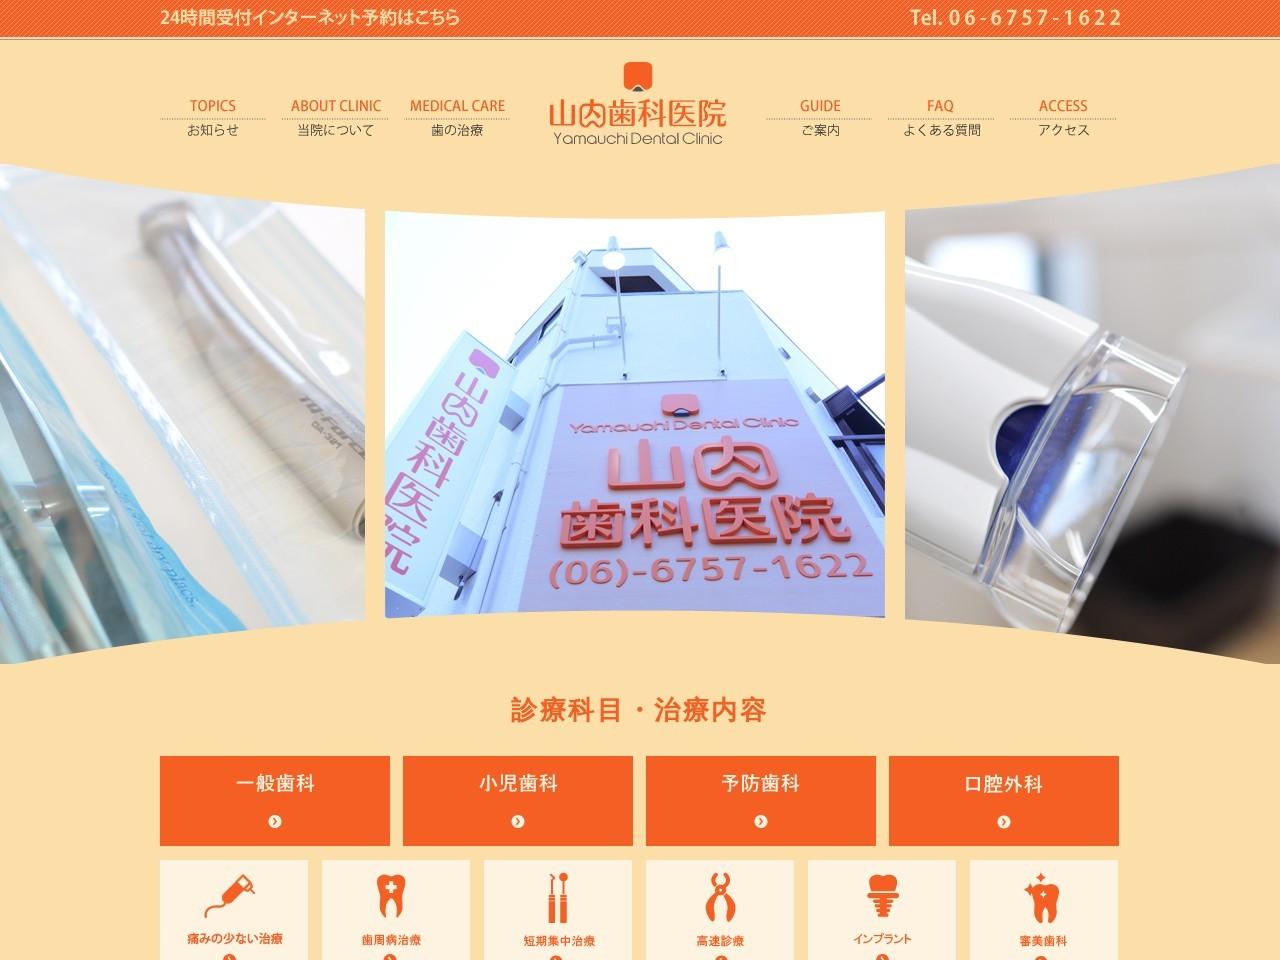 山内歯科医院 (大阪府大阪市生野区)